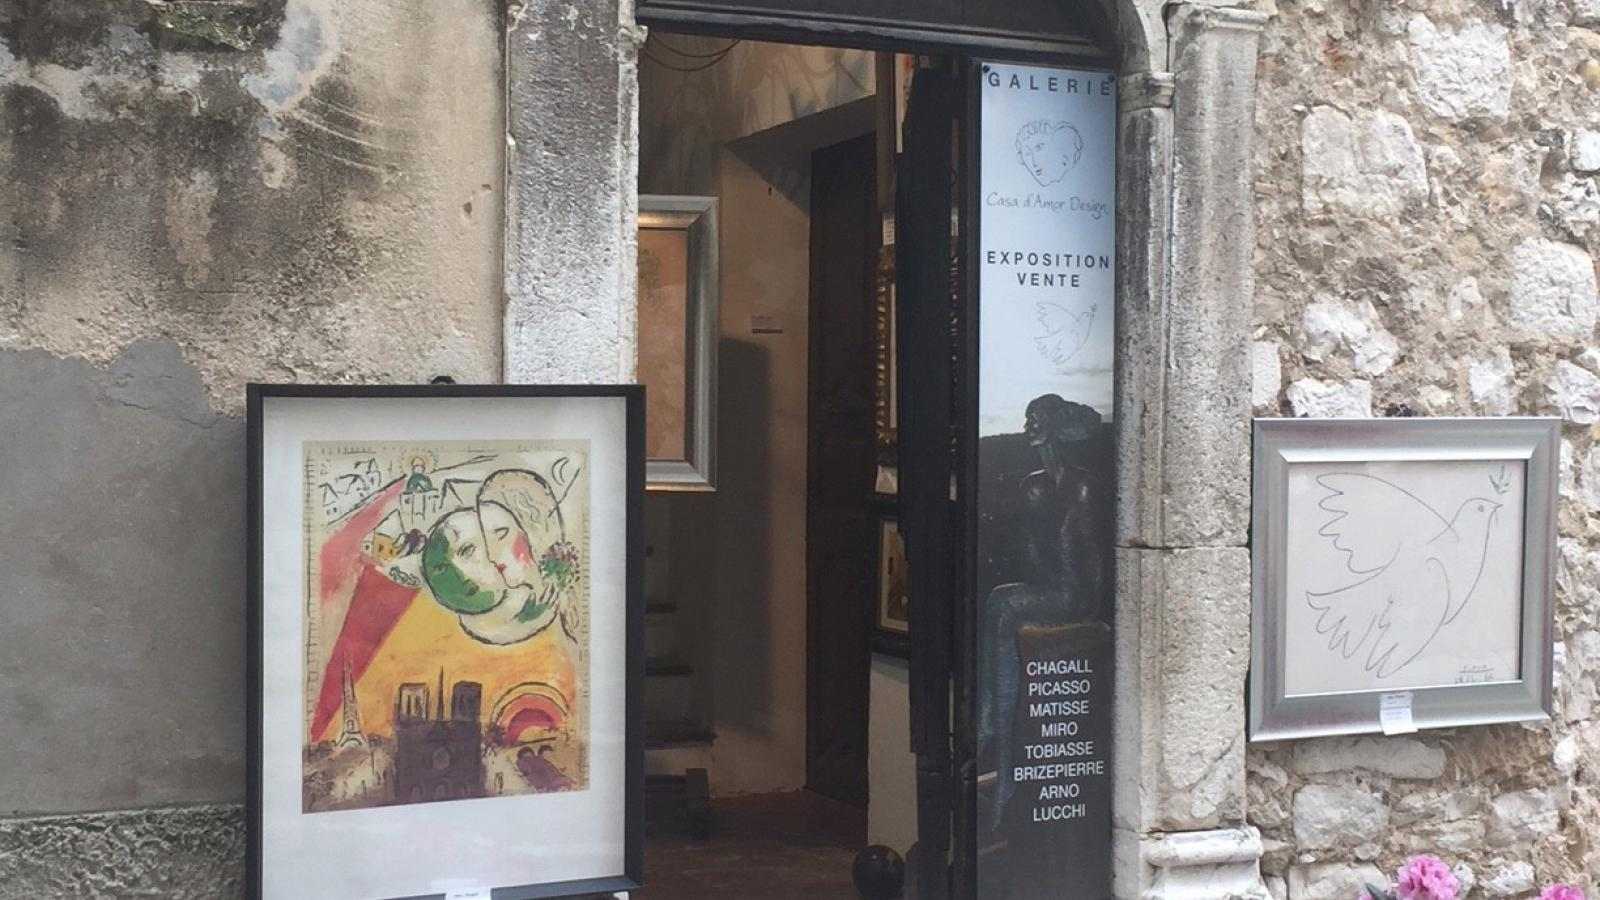 Galerie Casa d'Amor Design - Isabelle de Botton